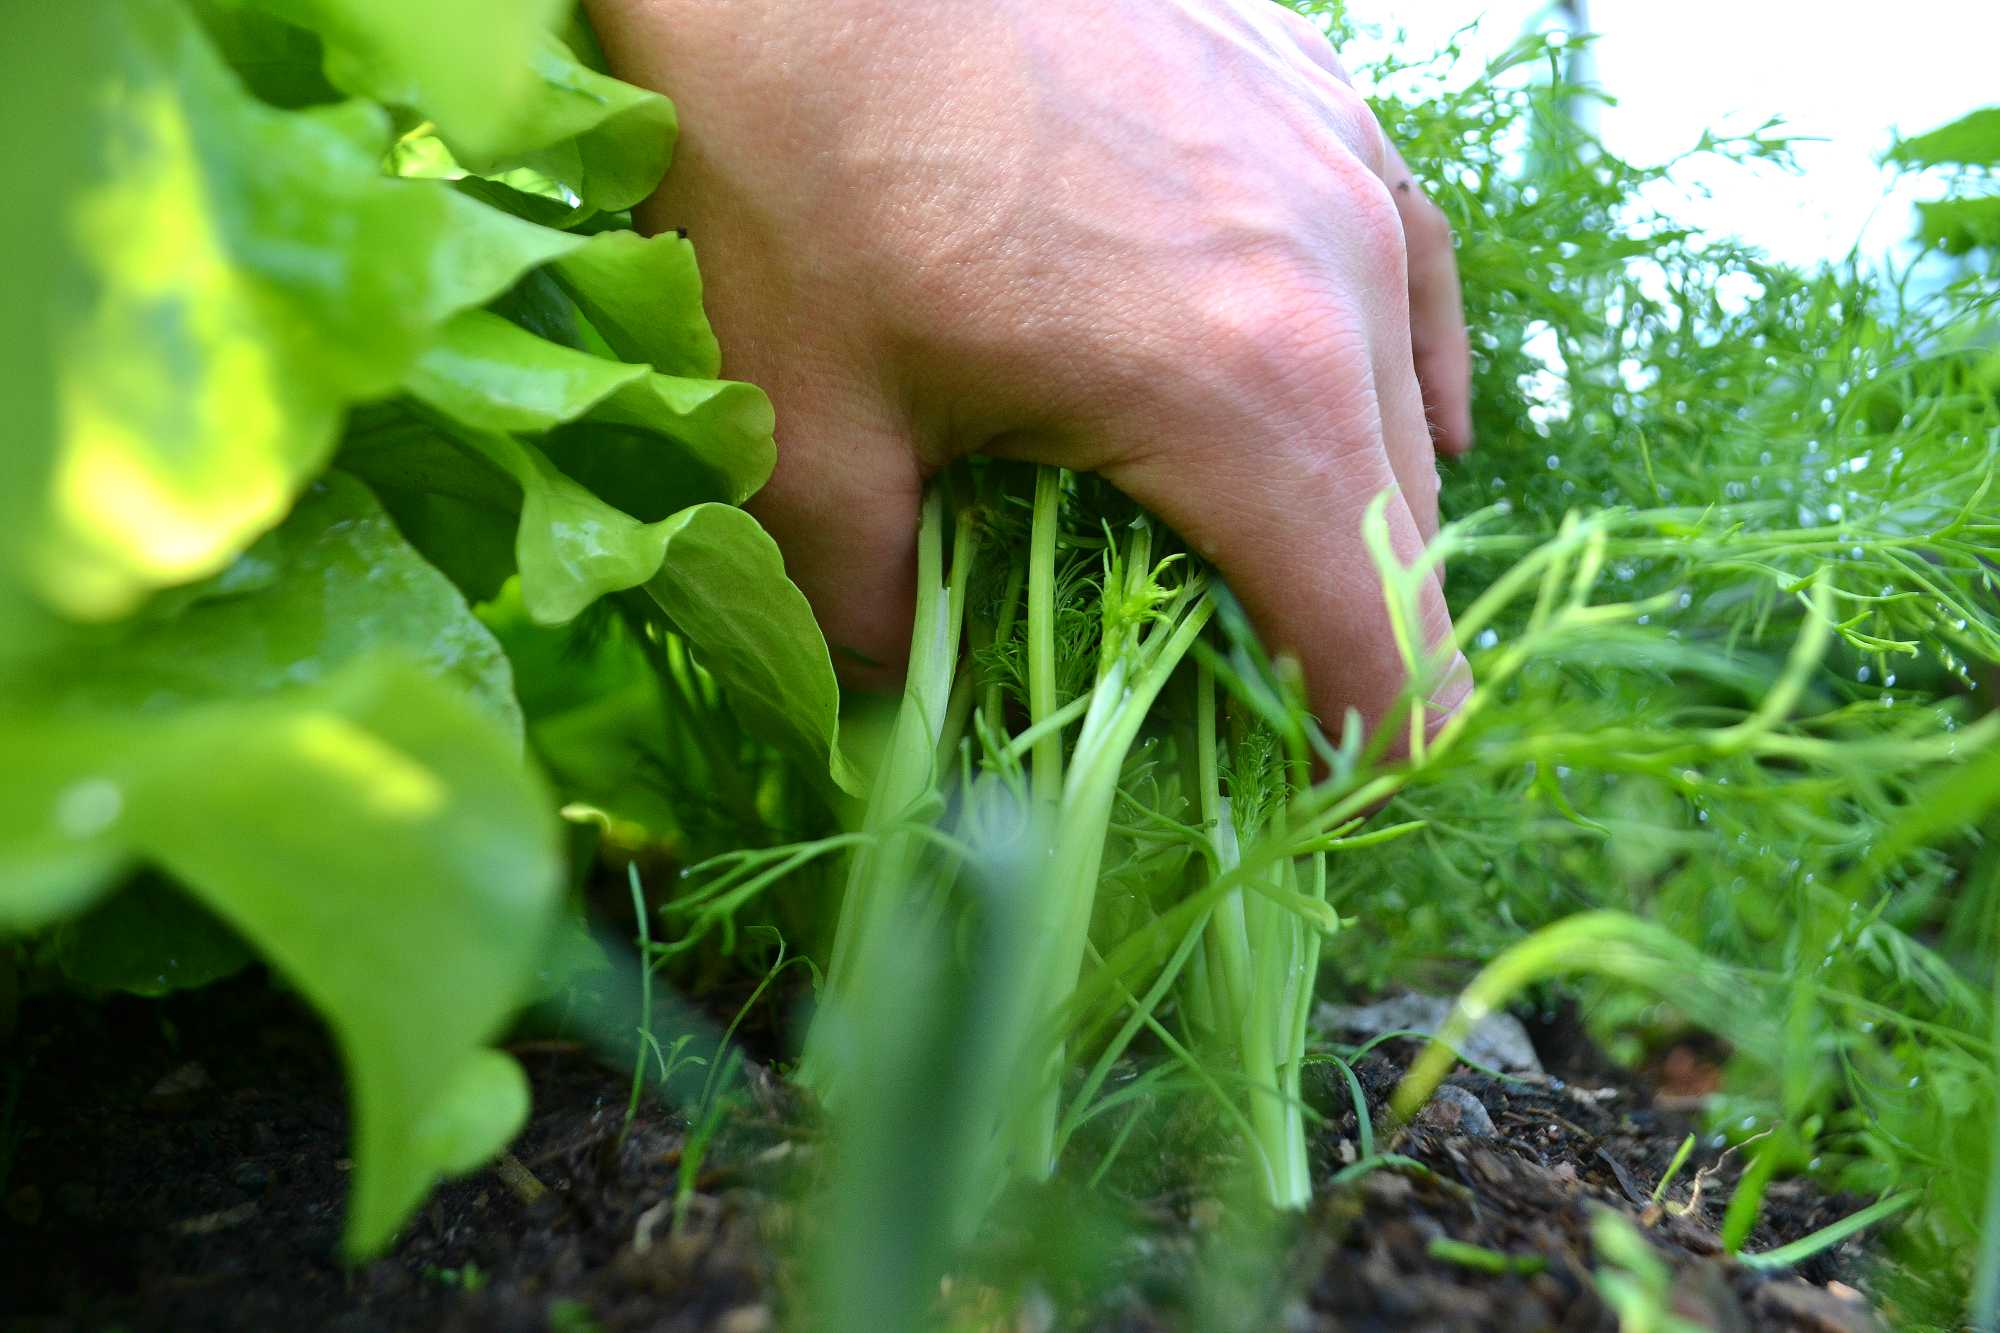 En hand håller om ett knippe dill i landet.